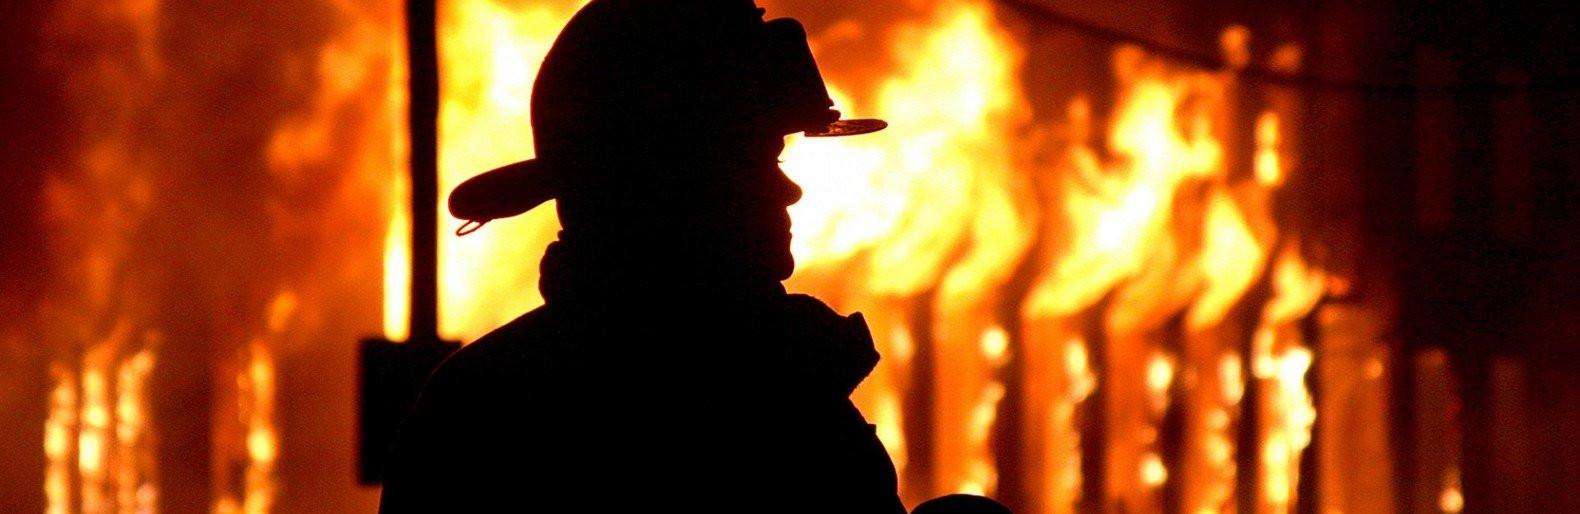 Пожежа на Бориспільщині: знищено дрова та пошкоджено кімнату -  - pozhezha5jpeg 5e1983082360f